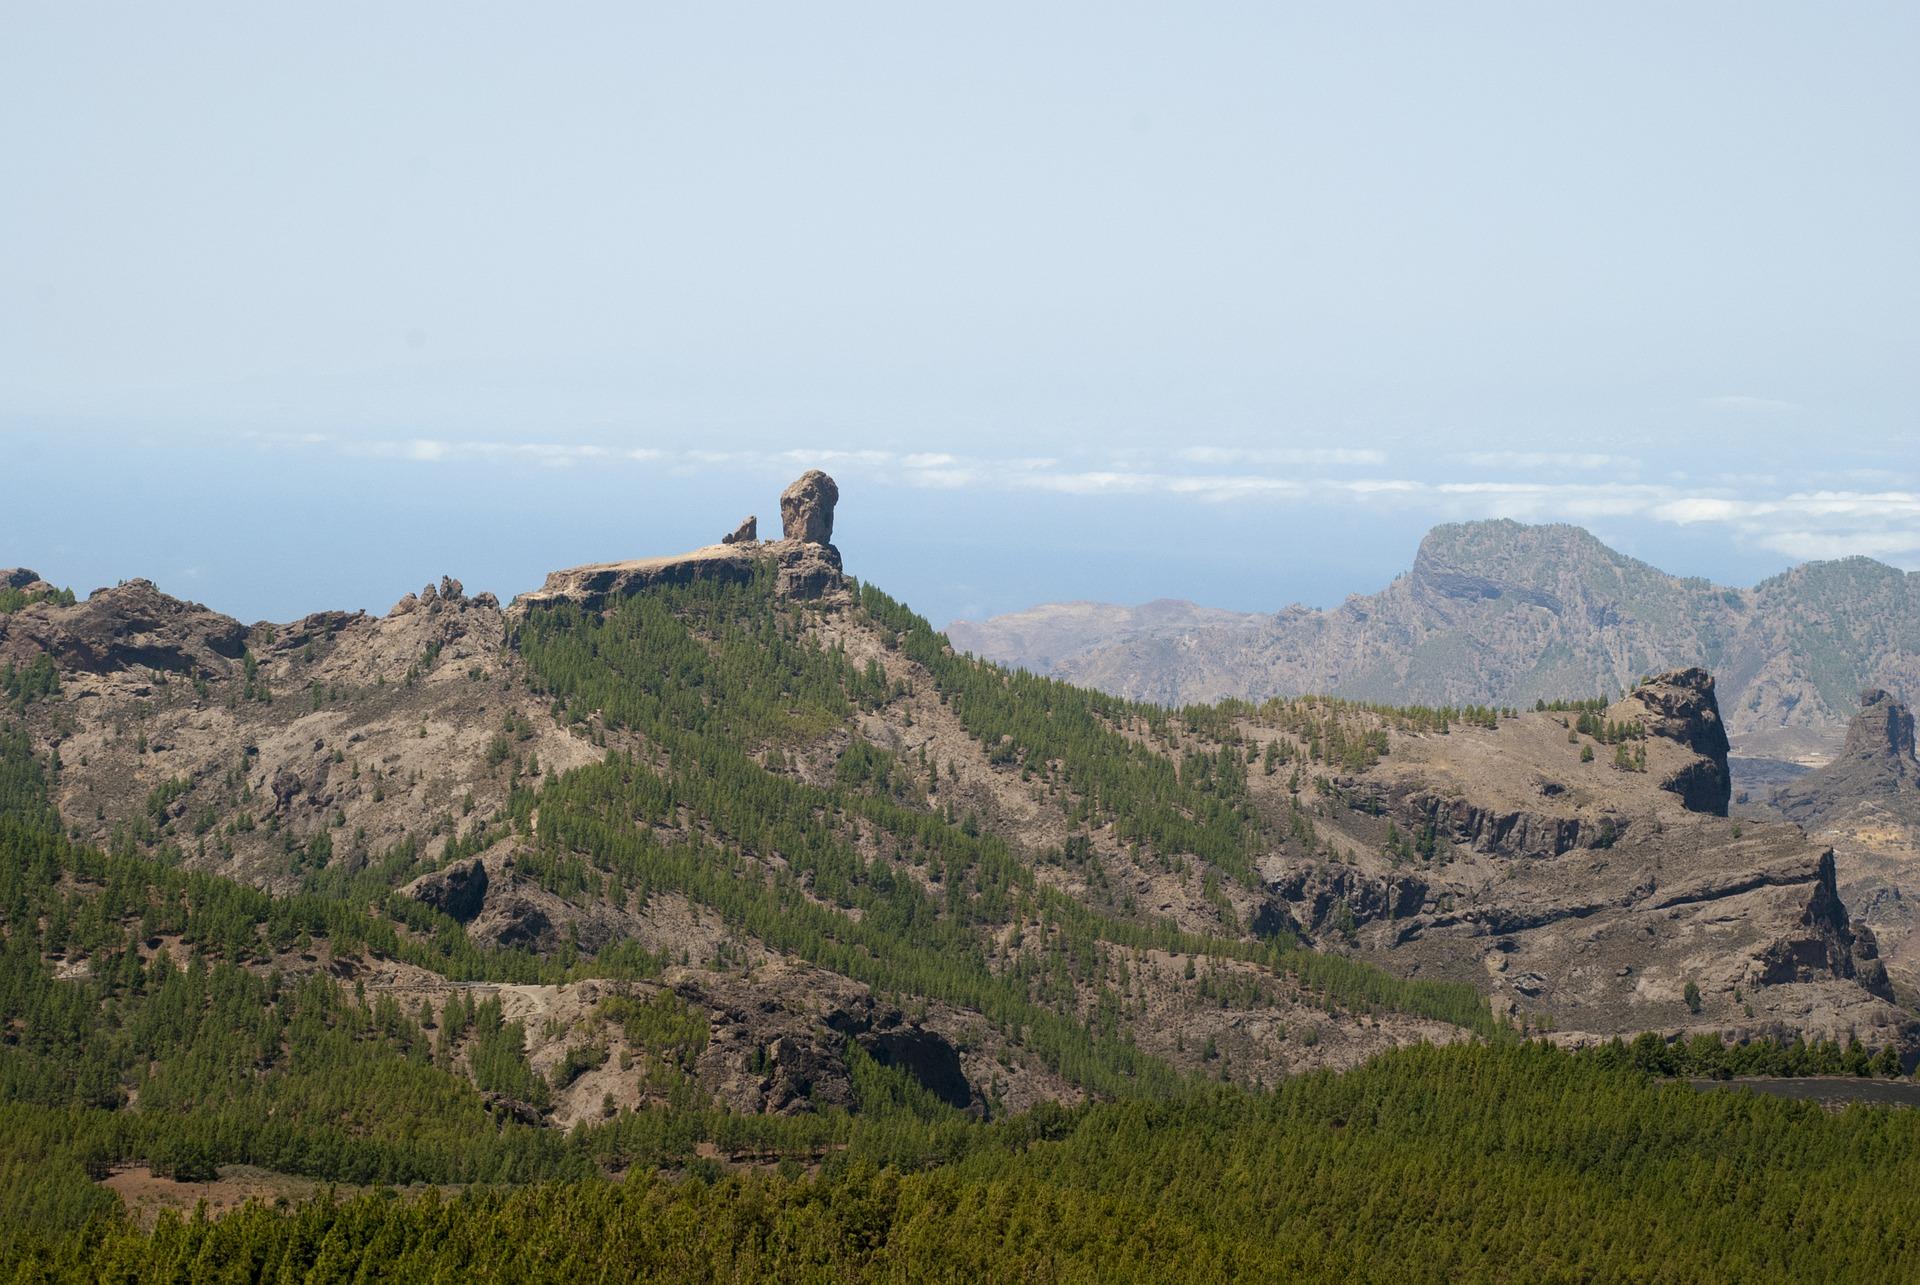 El monumento natural de Rorque Nublo de Gran Canaria.